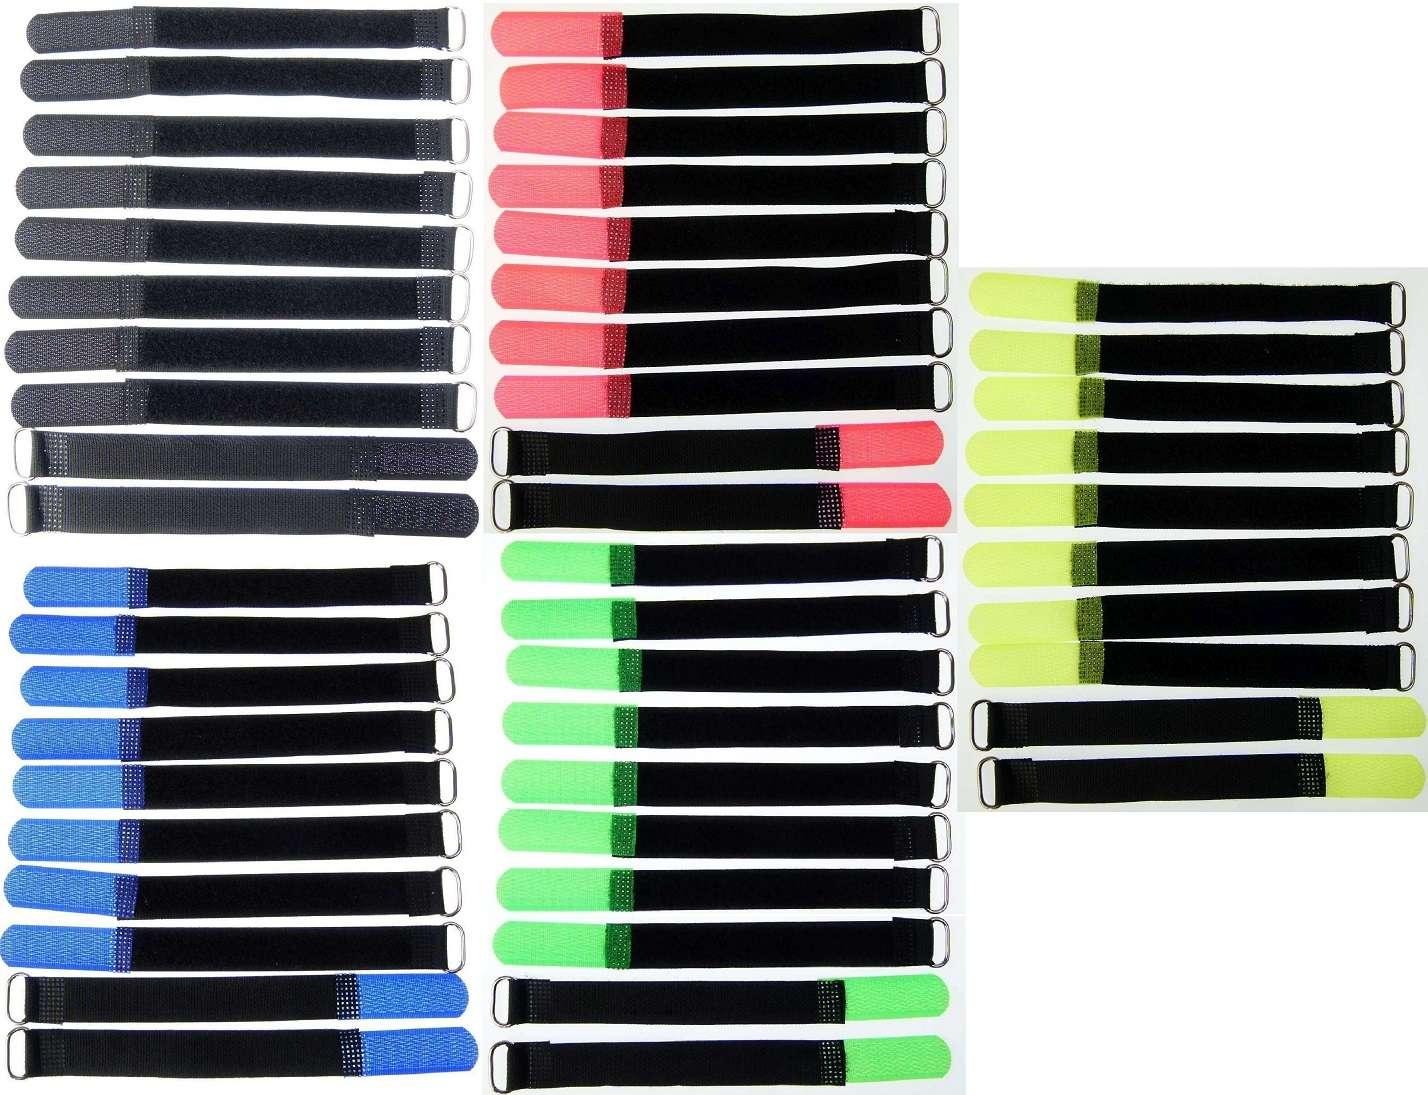 50 Kabelklettbänder 160 x 16 mm in 5 Farben Kabelklett Klettband Kabelbinder Öse